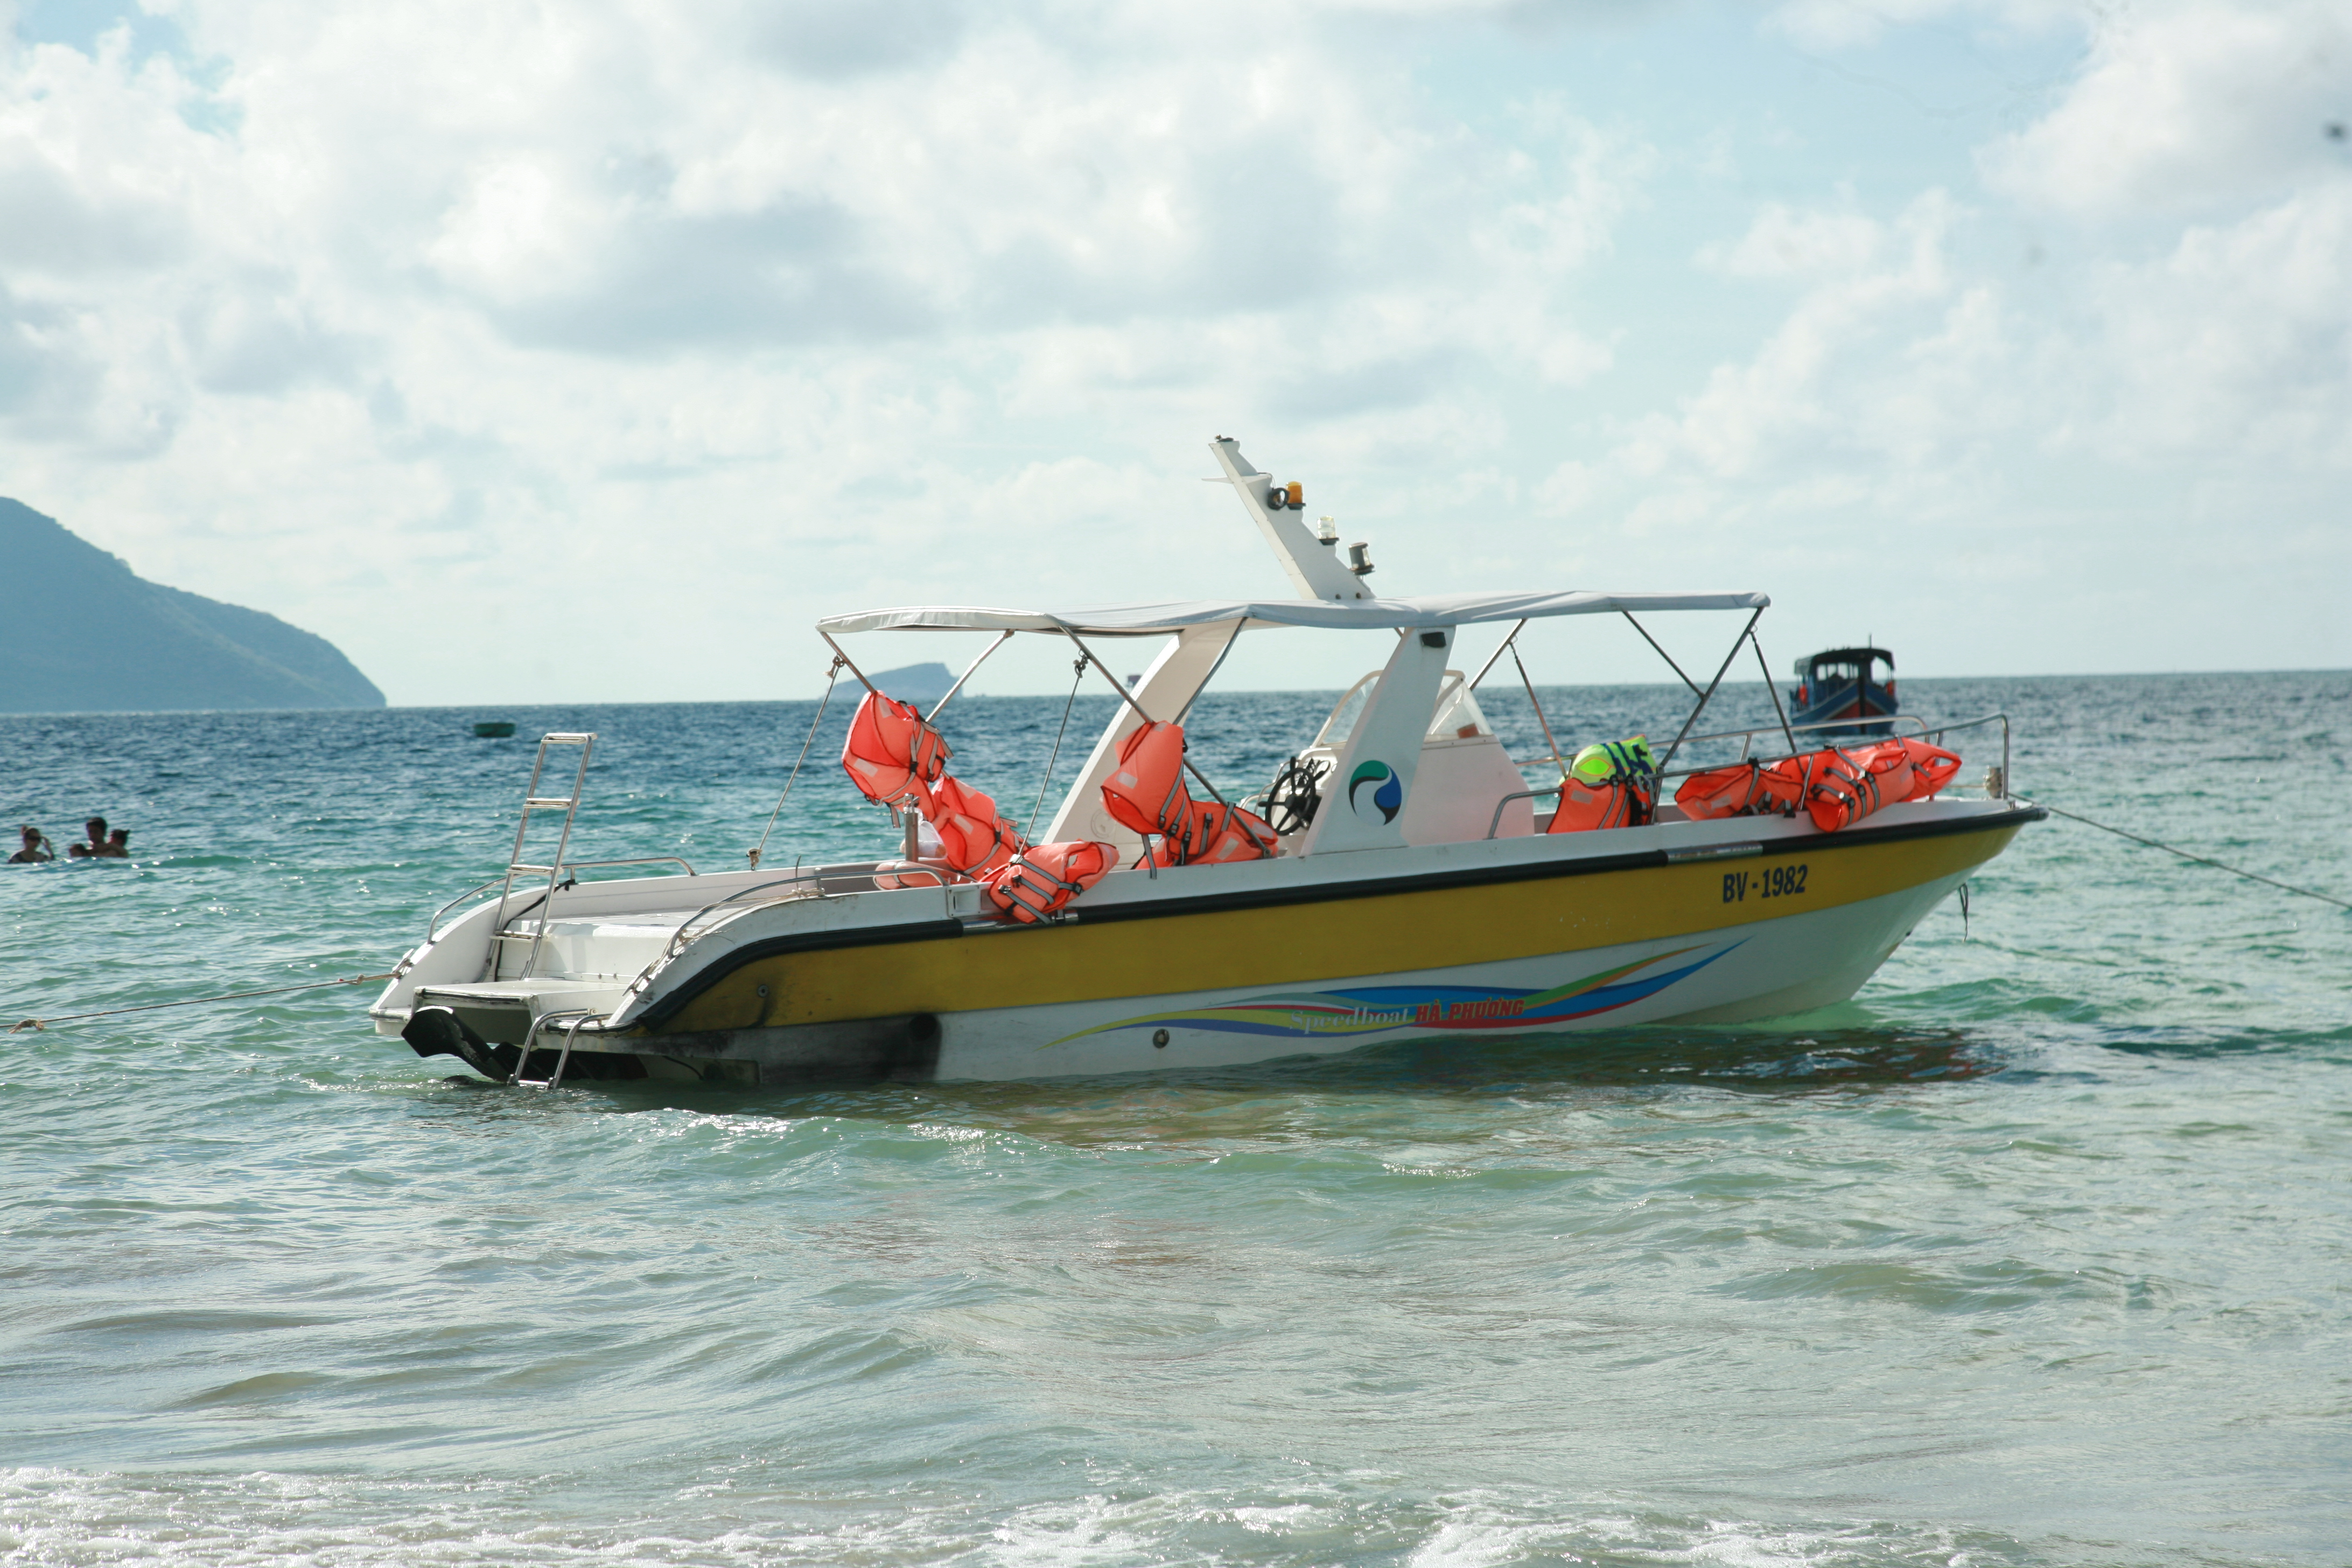 Bảng giá dịch vụ cho thuê cano tại Côn Đảo